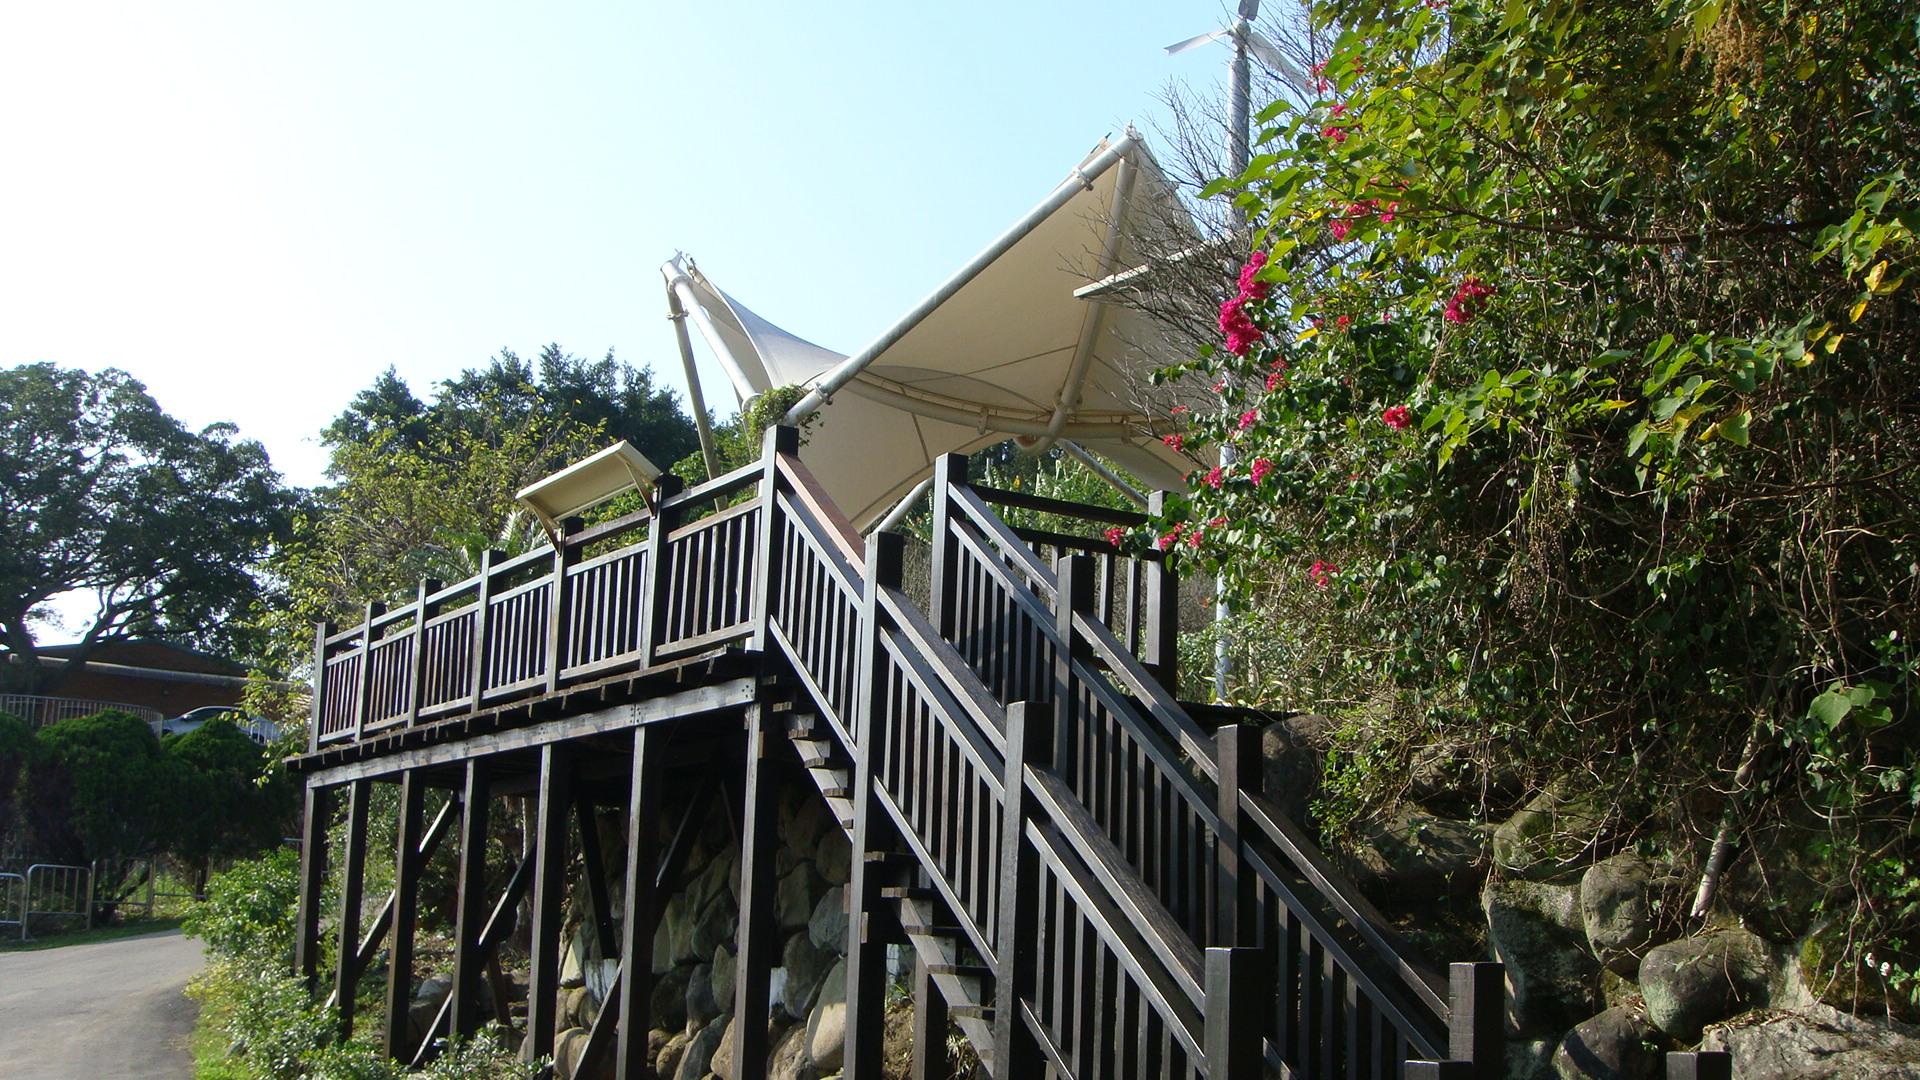 劍南蝶園薄膜涼亭觀景台